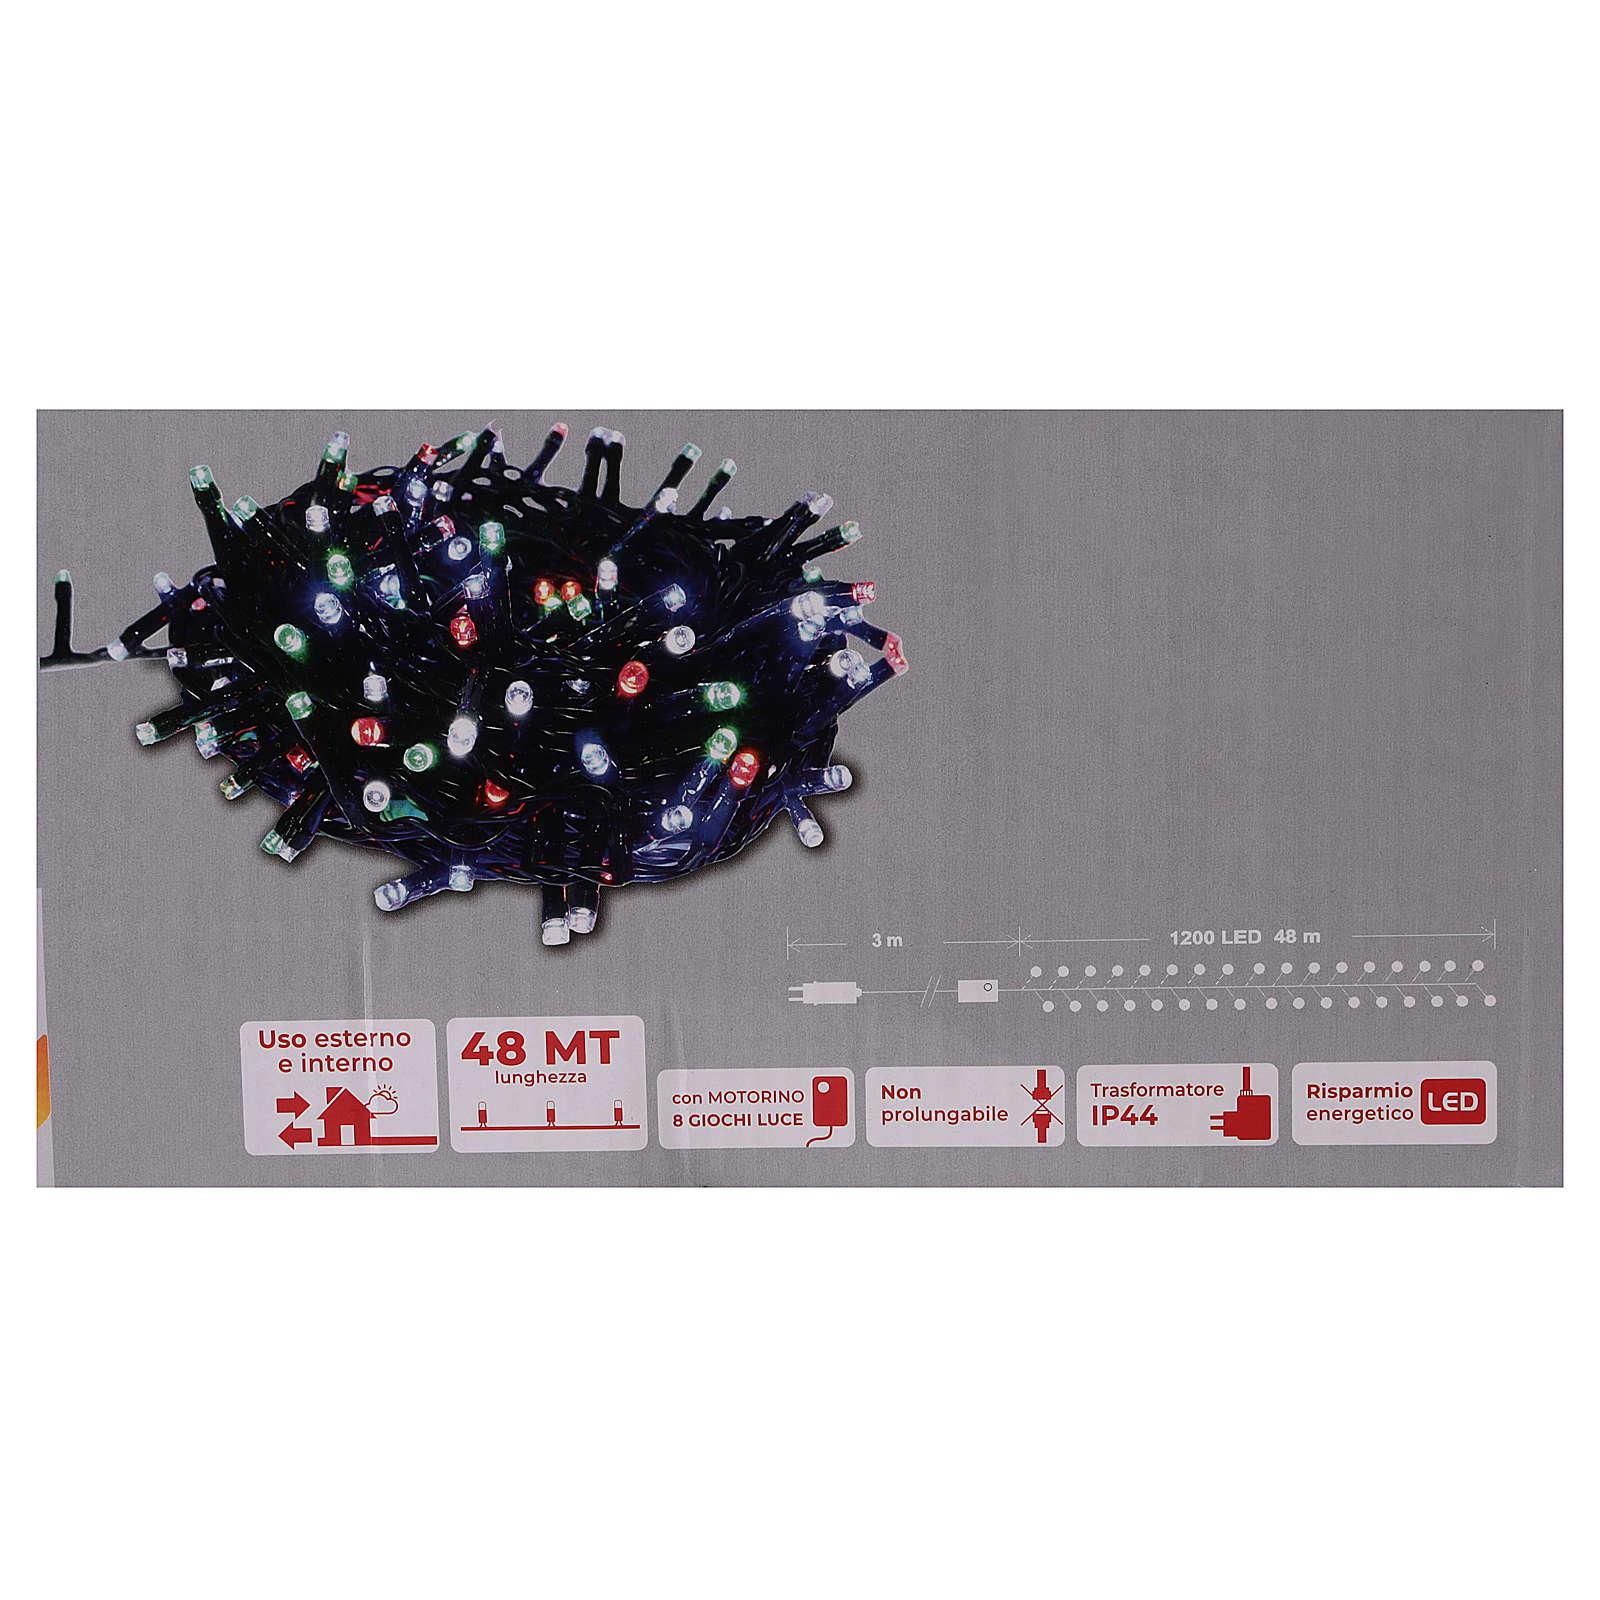 Catena luminosa Natale verde 1200 led multicolore controller esterno 220V 3